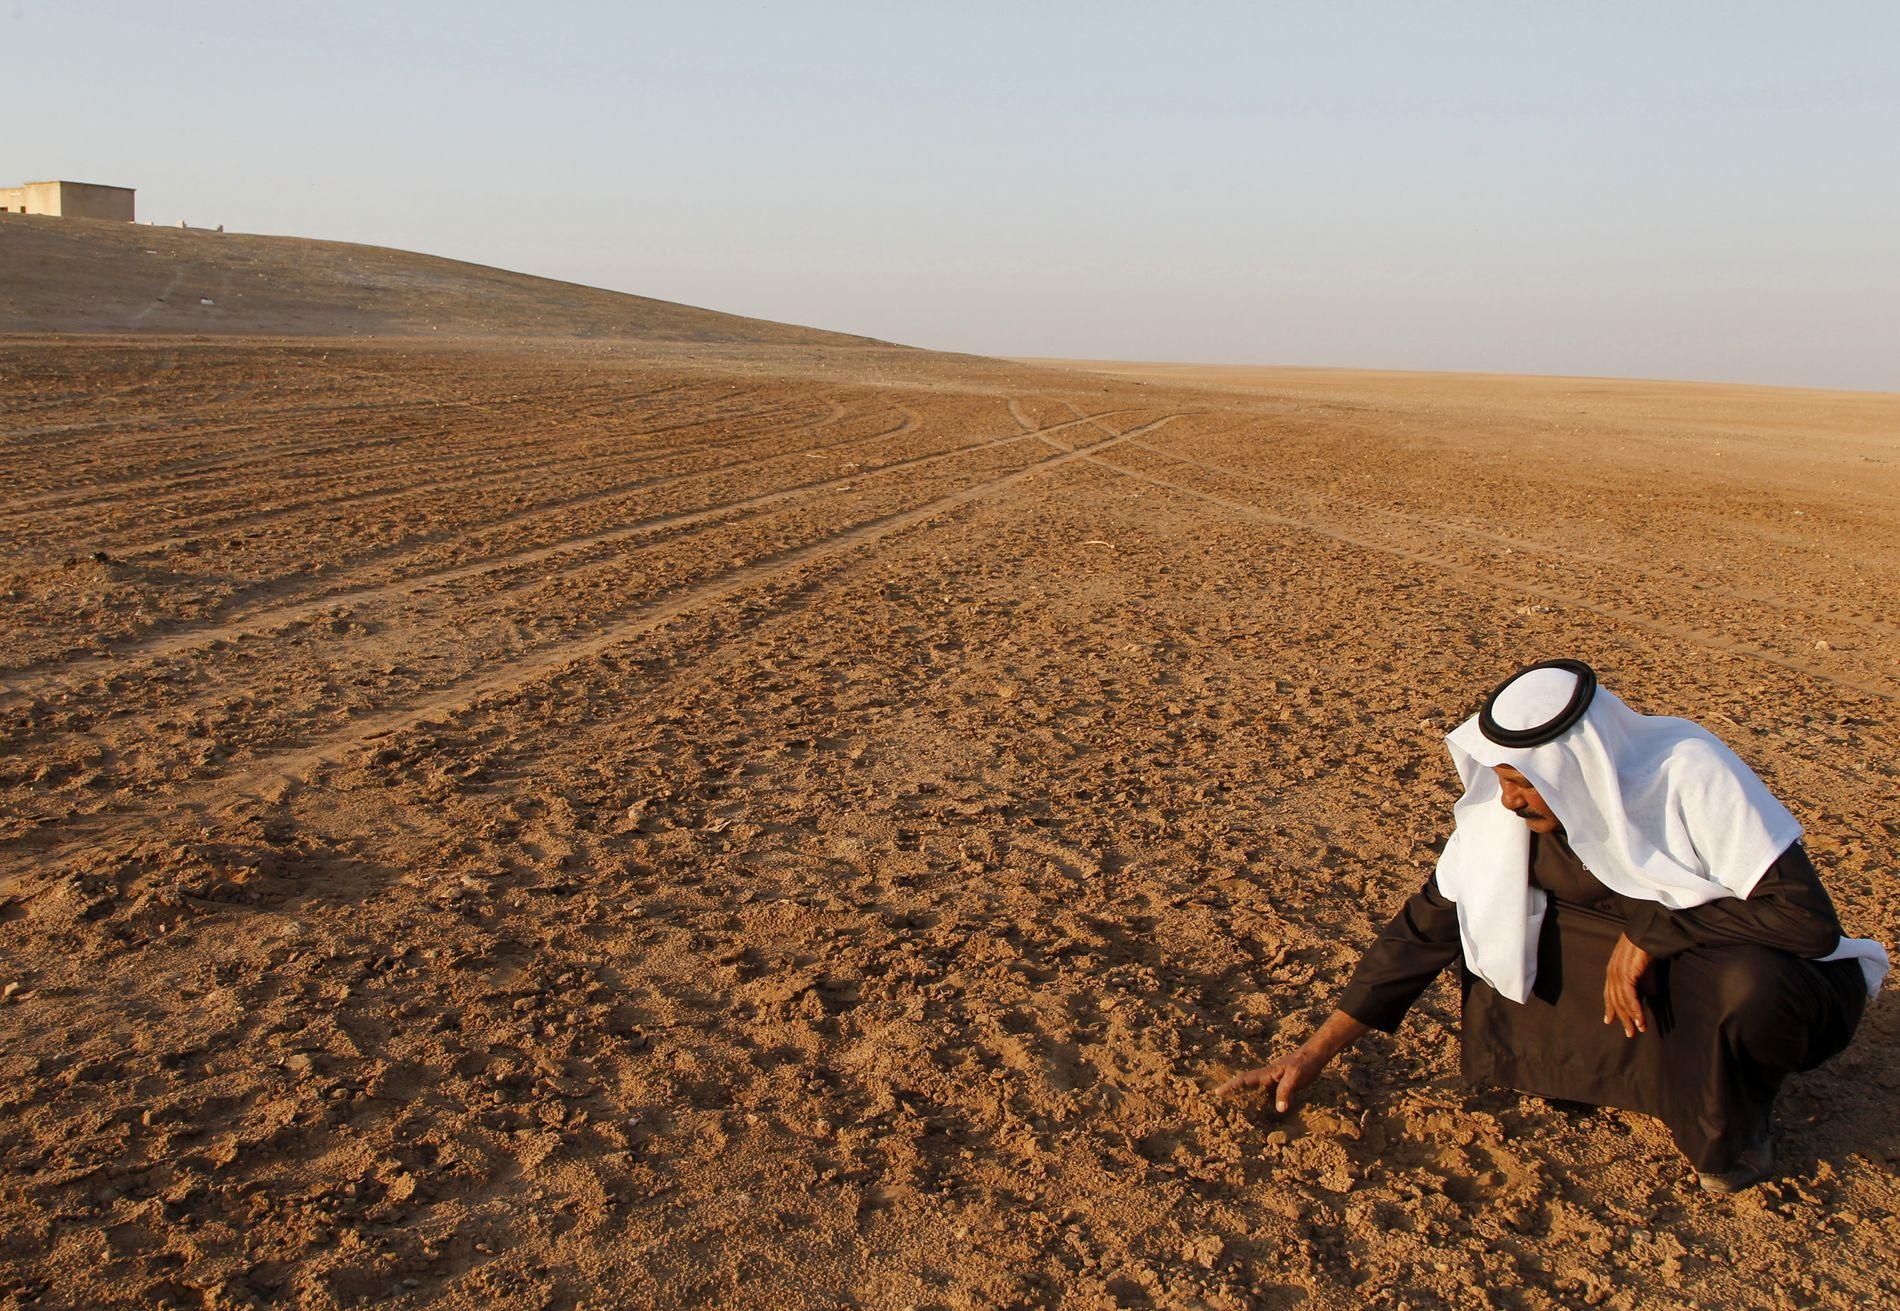 TØRKE: Tørken i Syria førte til massemigrasjon av folk frå dei uttørka landområda inn til byane, skriv Vidar Lehmann.